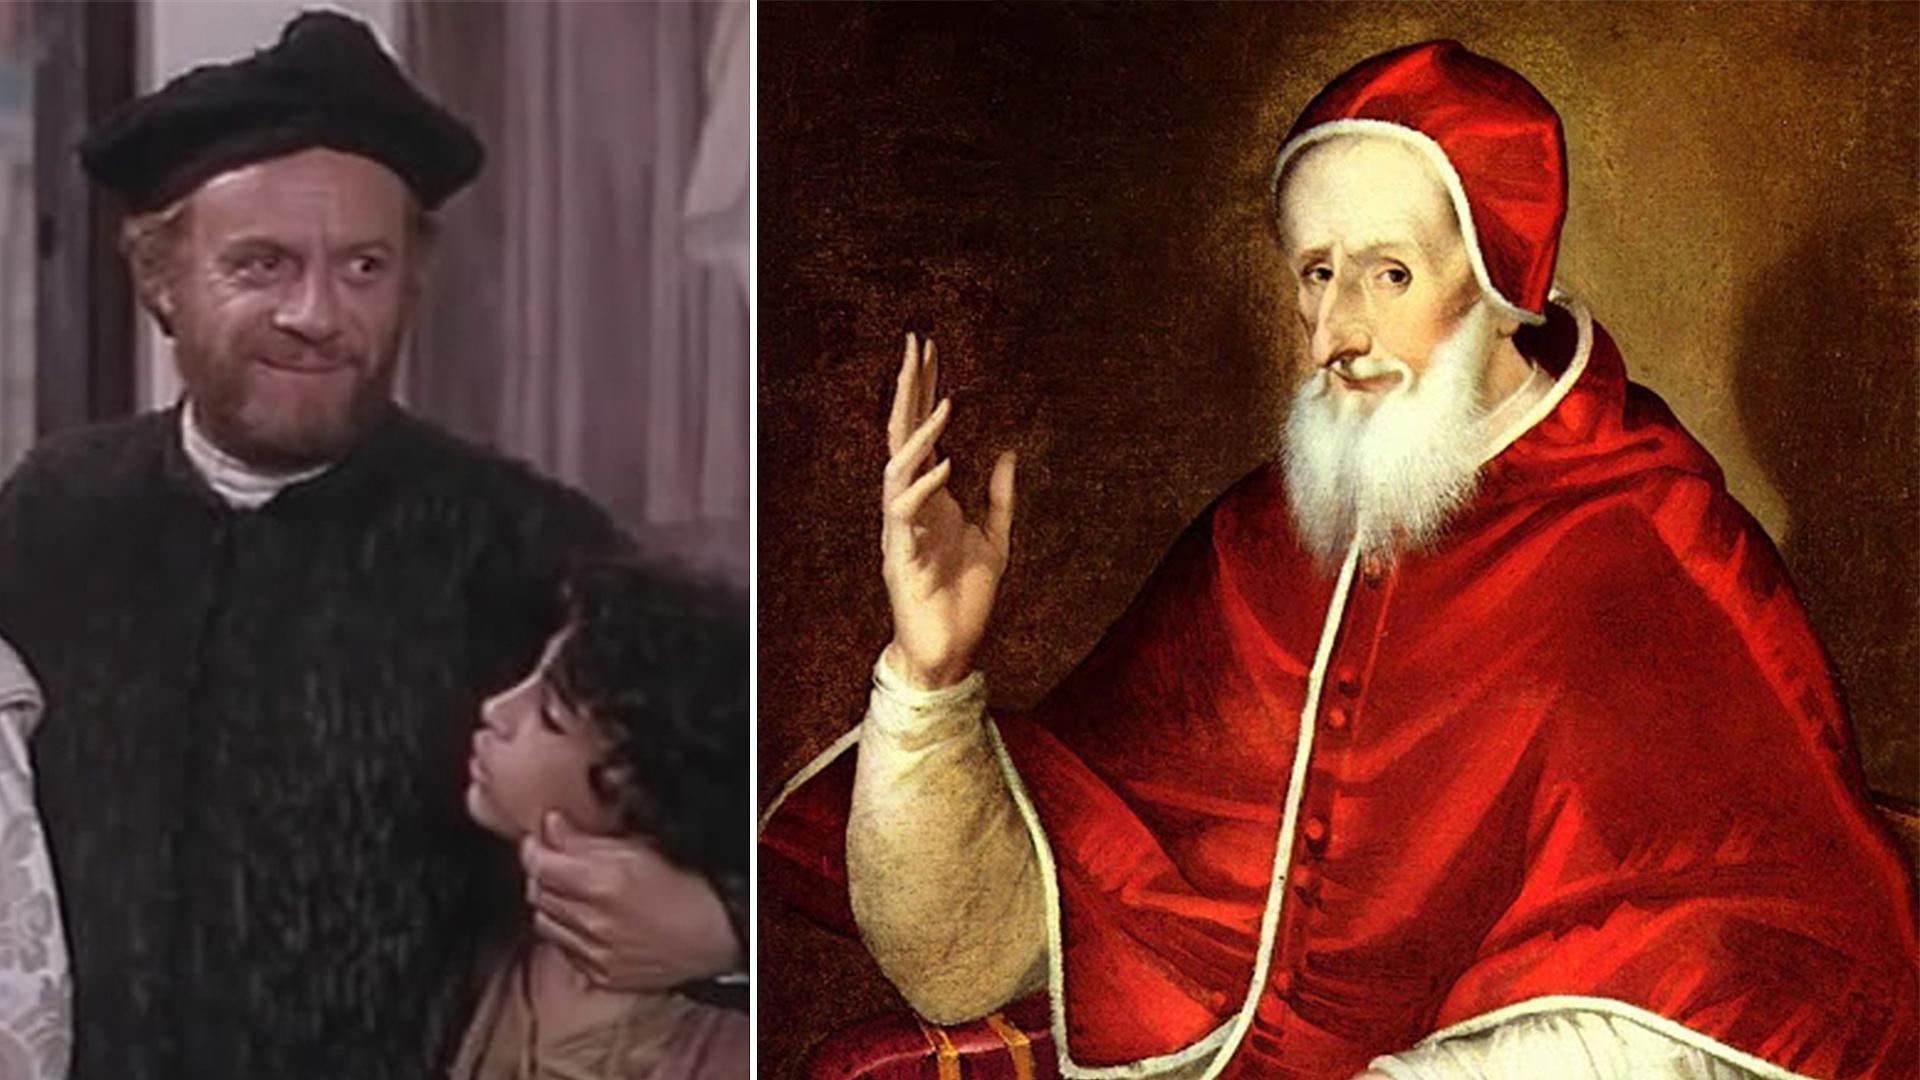 Néri Fülöp, a humoros szent - krónika